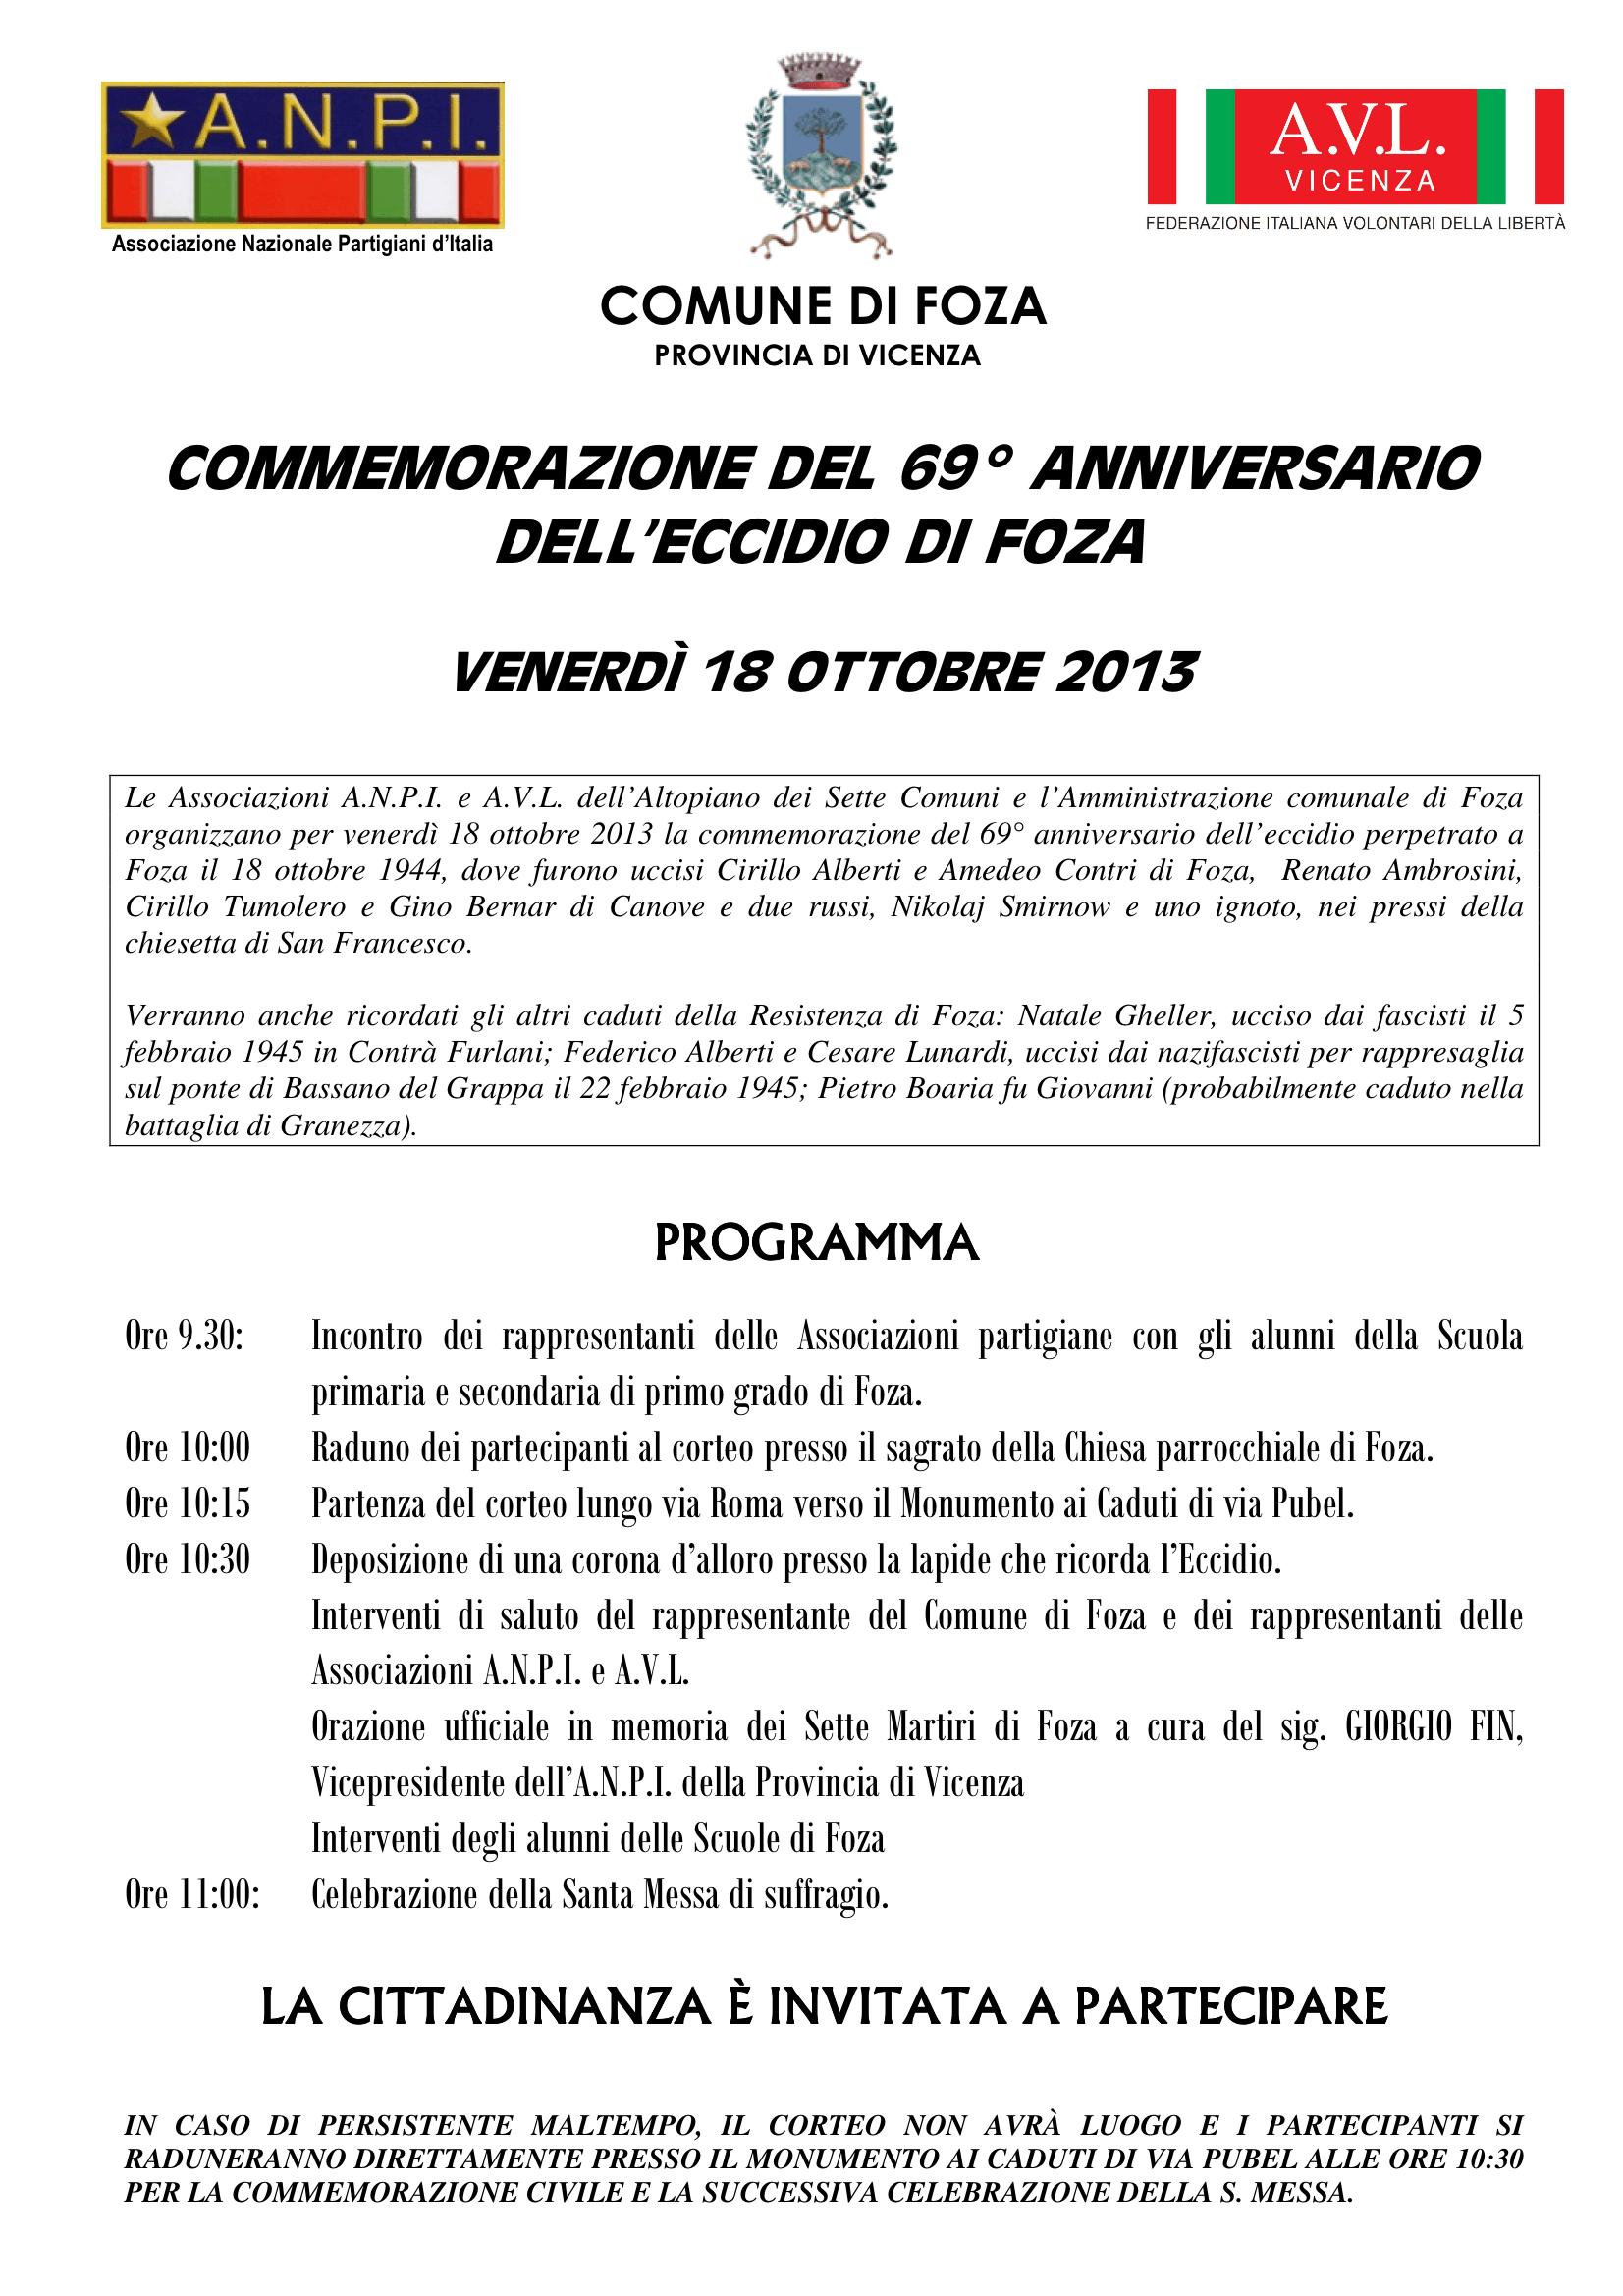 Manifesto Foza 2013